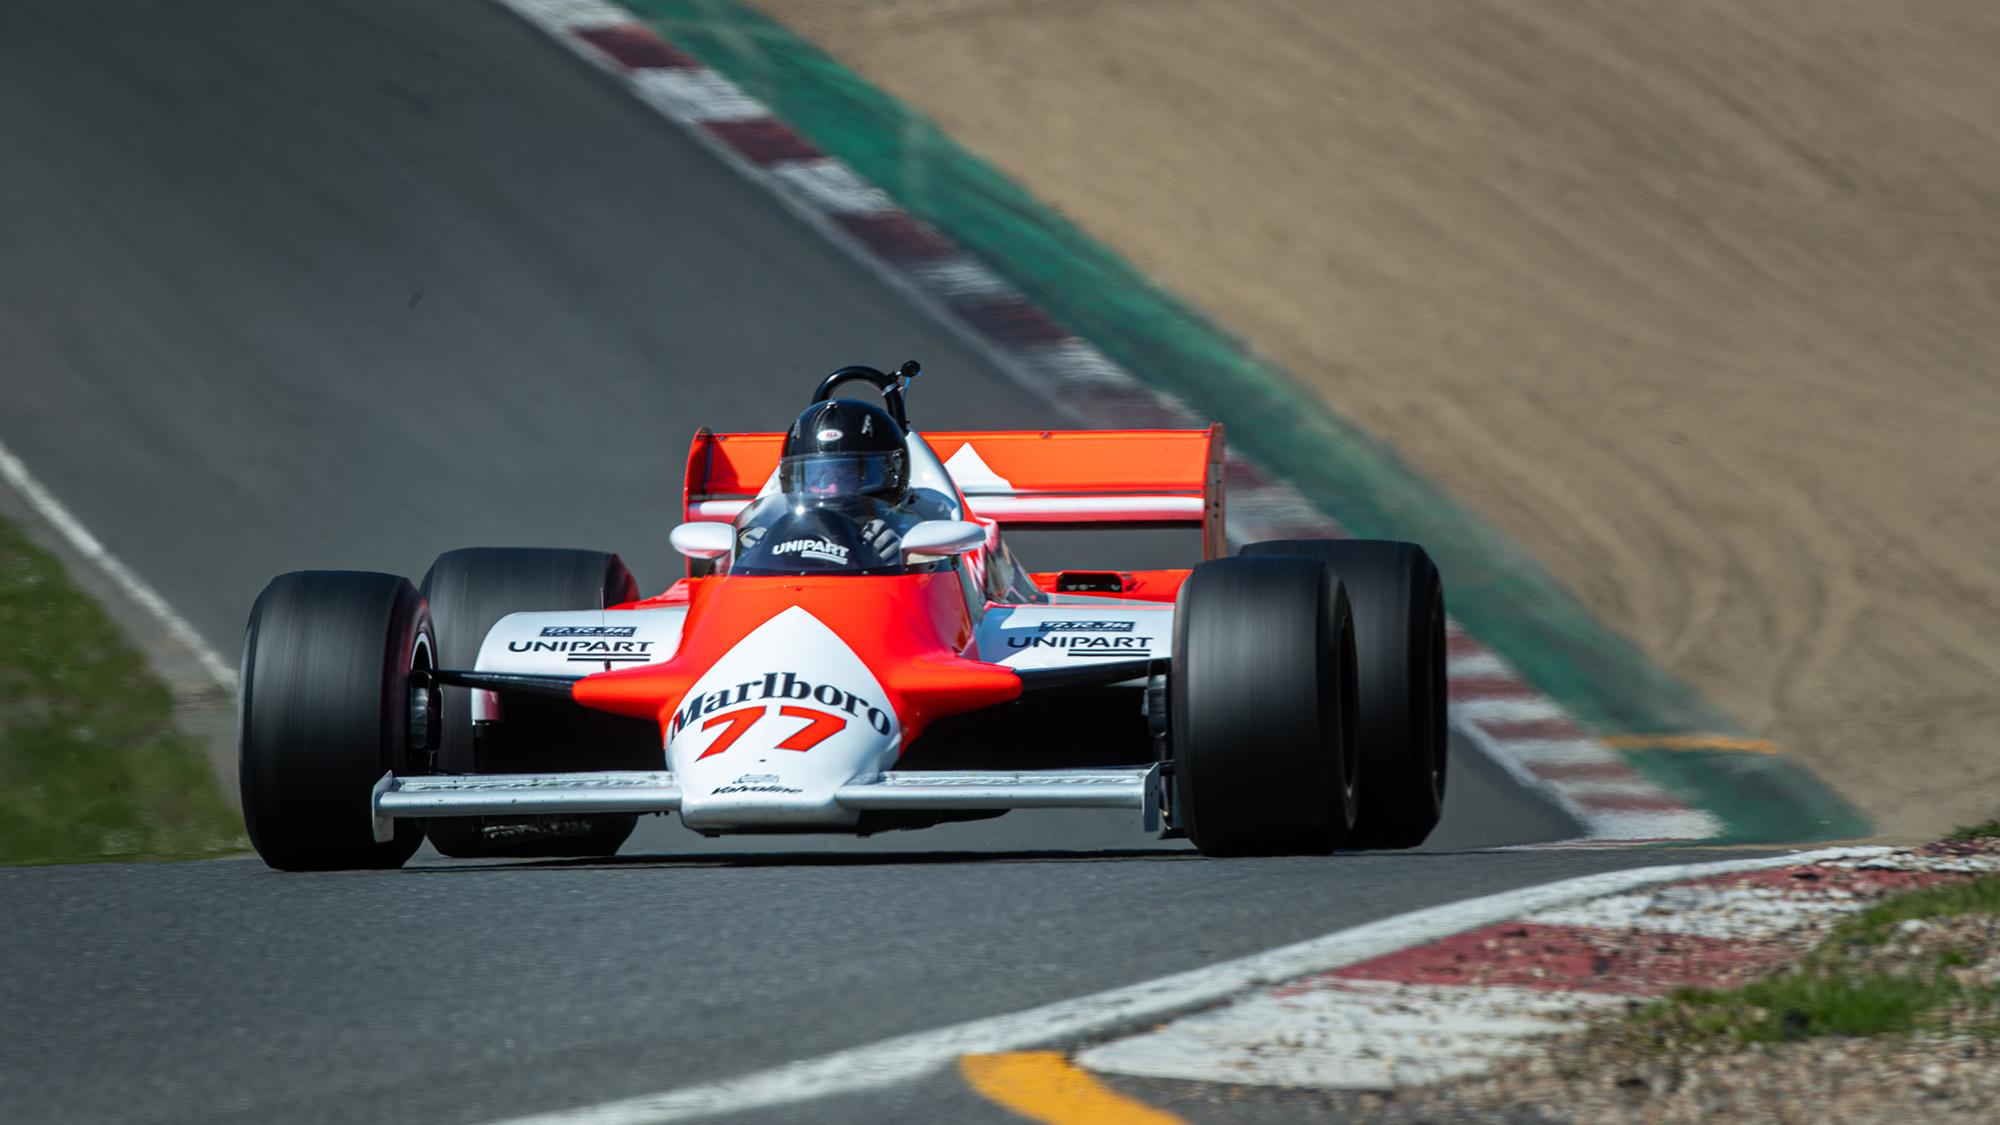 Steve Hartley McLaren MP4-1 at Brands Hatch 2021 - paddock hill